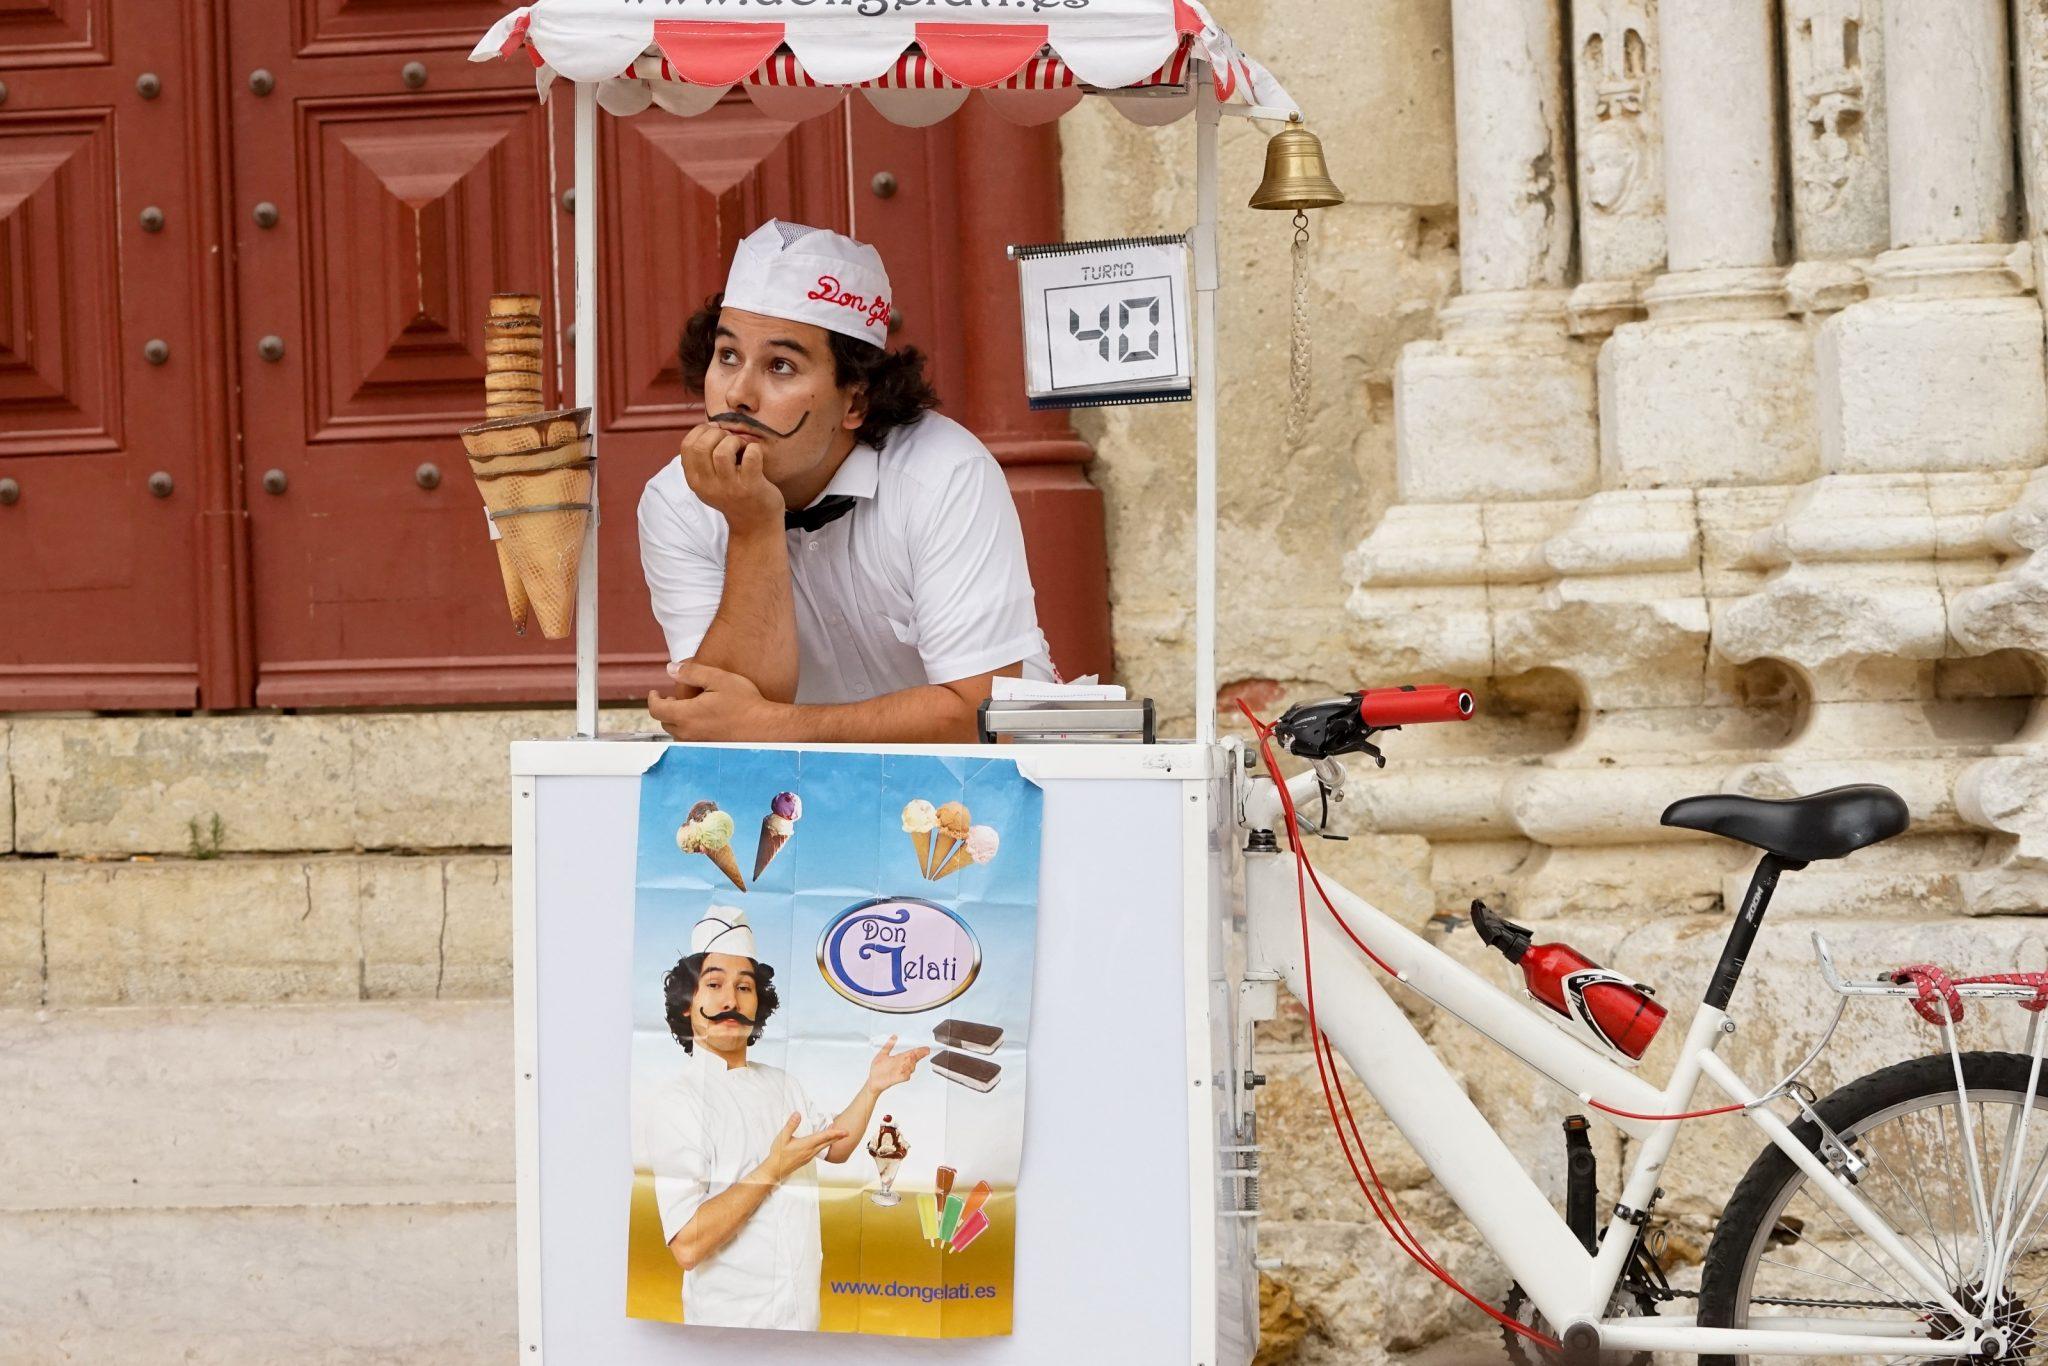 Um homem de bigode, chapéu branco e roupa branca, com laço preto, está inclinado e apoiado numa banca de gelados